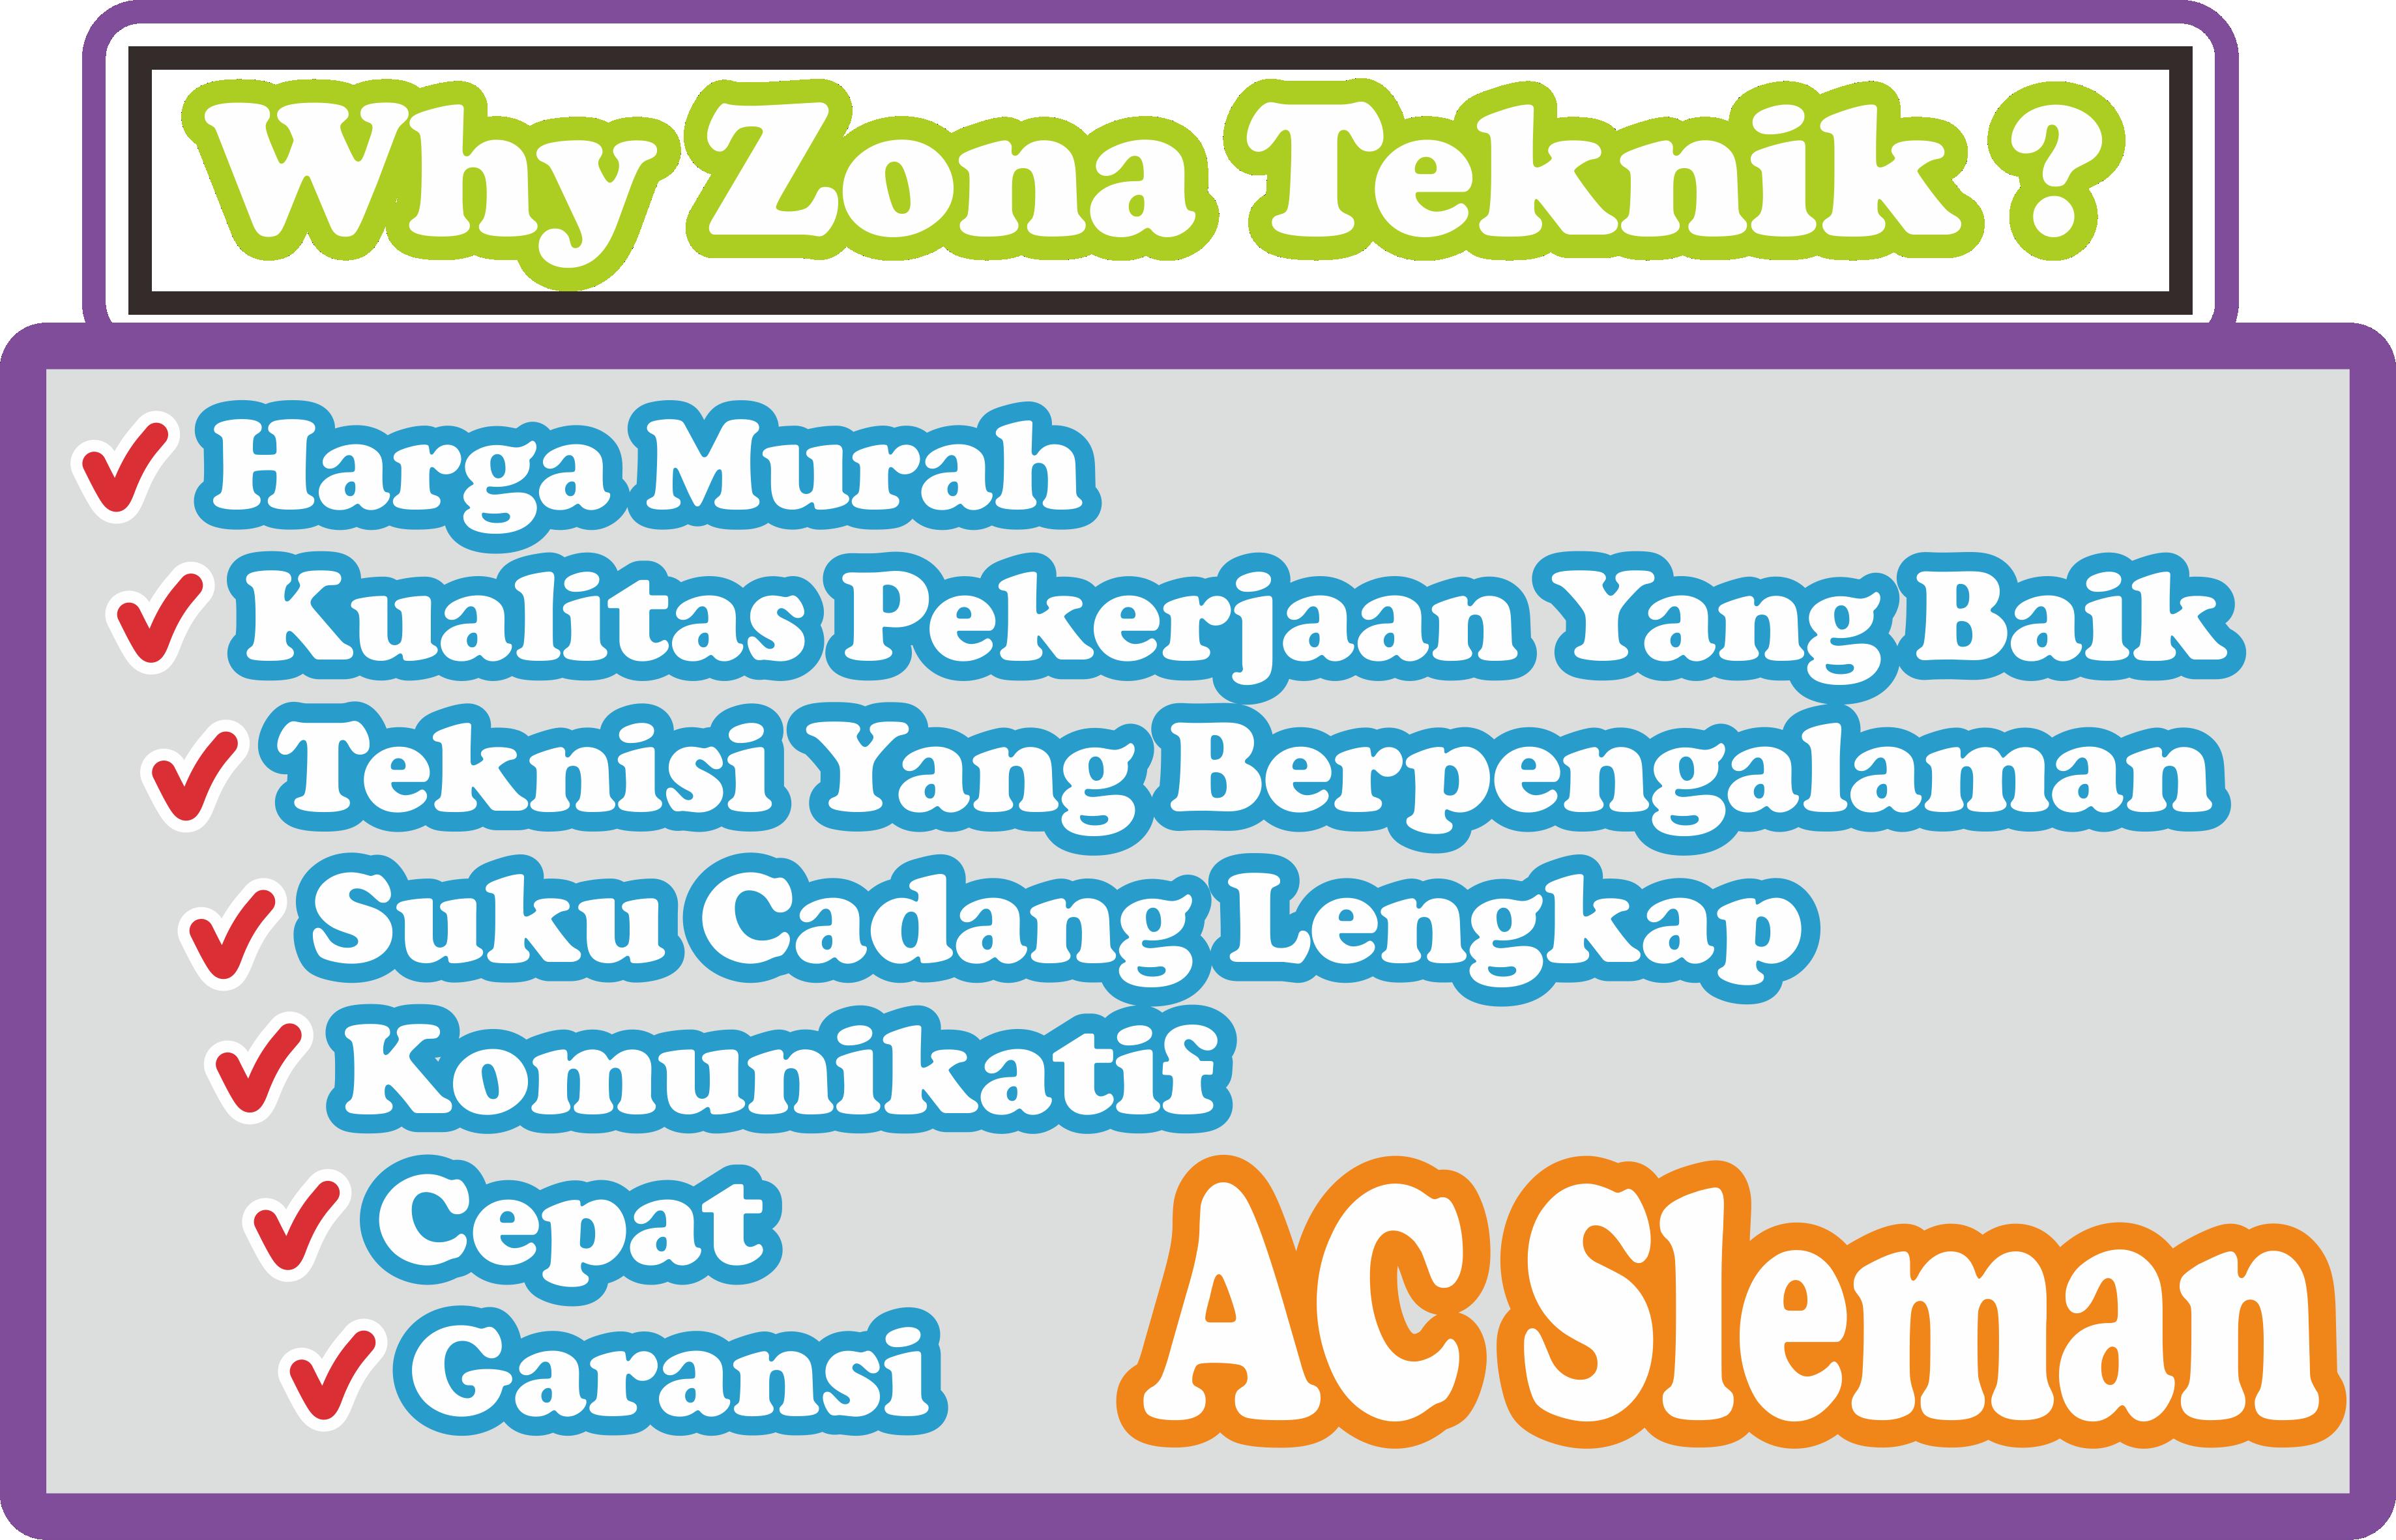 Why Zona Teknik